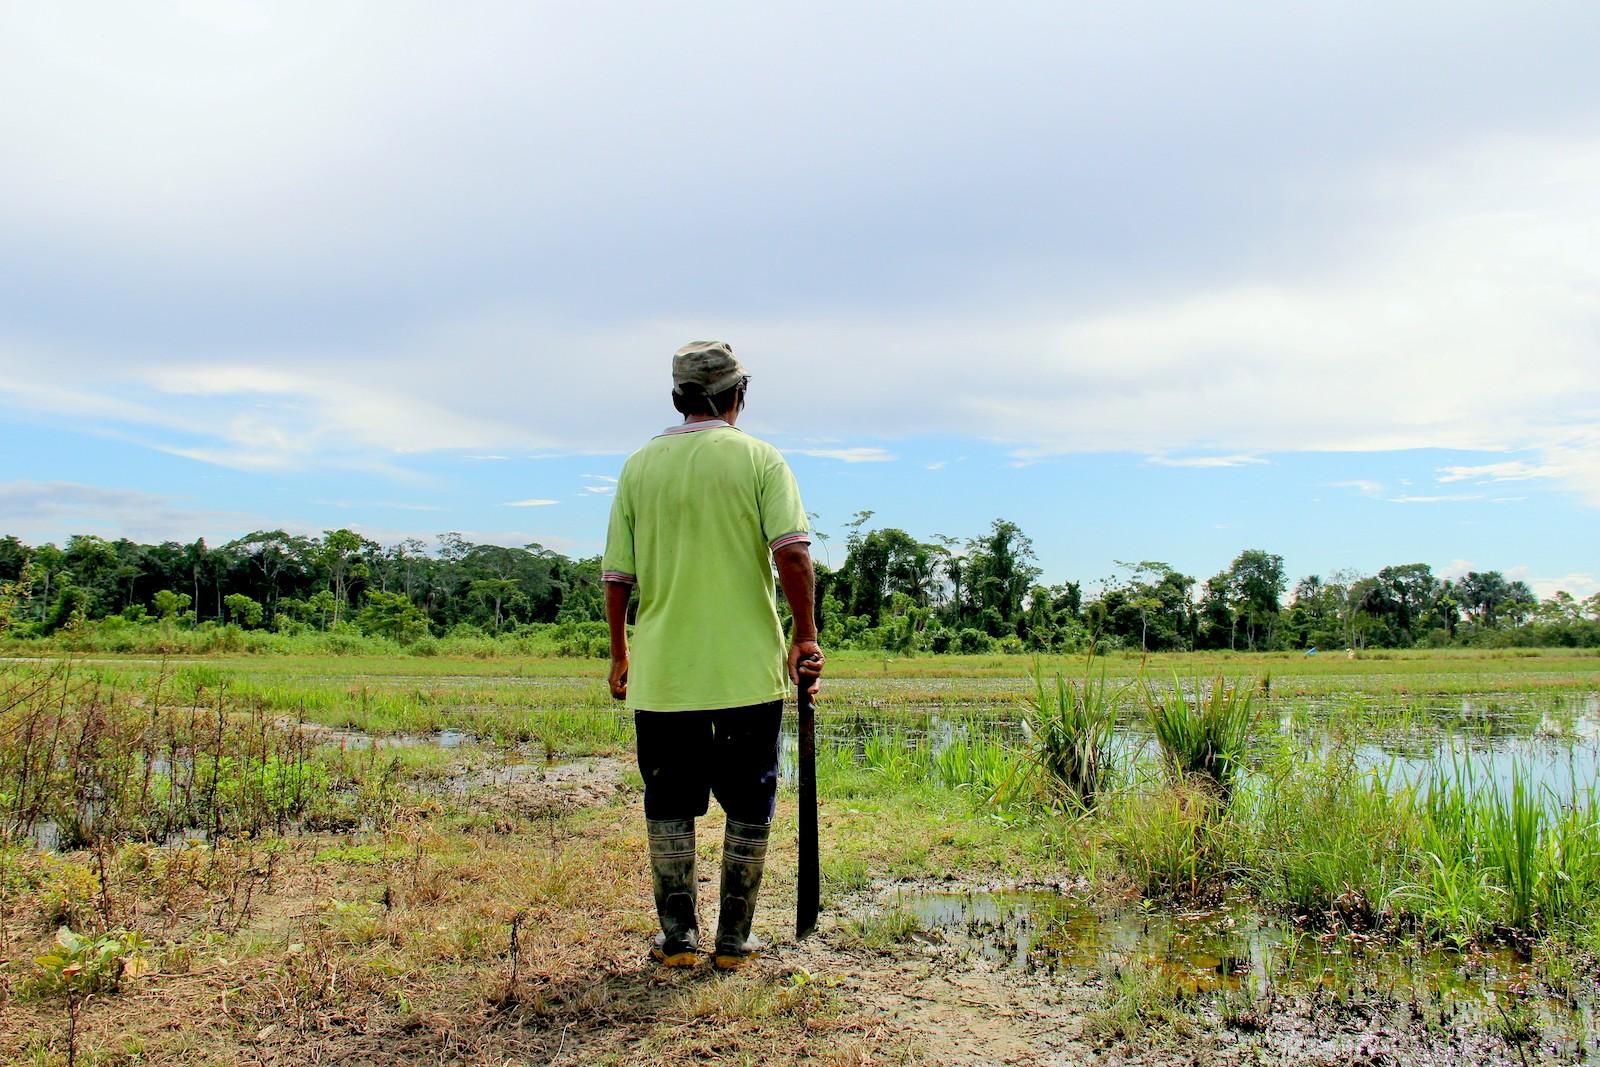 En la zona de amortiguamiento de la Reserva Nacional del Tambopata, en Madre de Dios, existen hombres y mujeres que por doce años han resistido las amenazas de la minería y tala ilegal. Foto: Vanessa Romo / Mongabay Latam